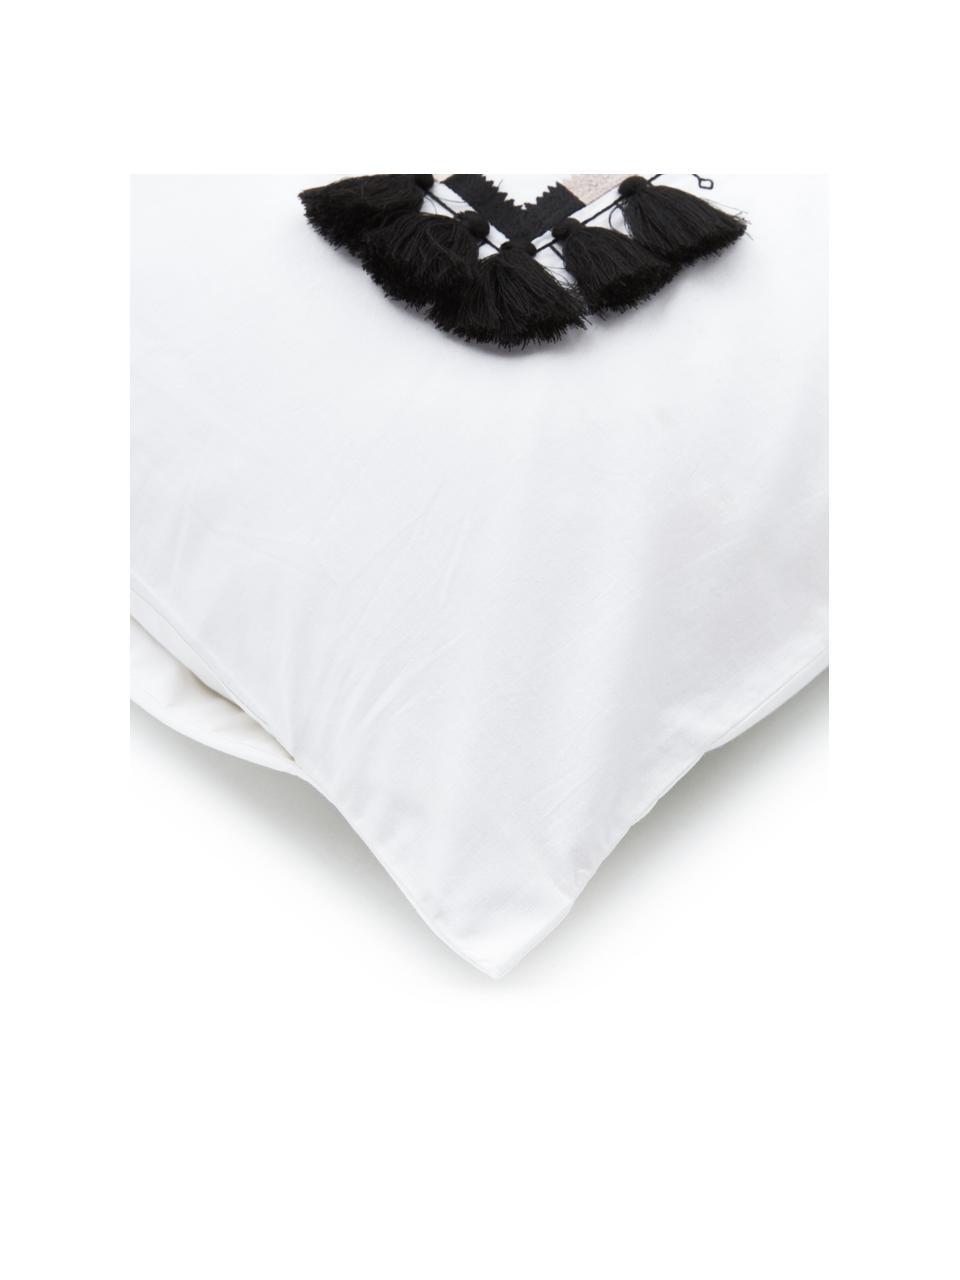 Haftowana pościel z bawełny z chwostami Inda, Biały, 200 x 200 cm + 2 poduszki 80 x 80 cm